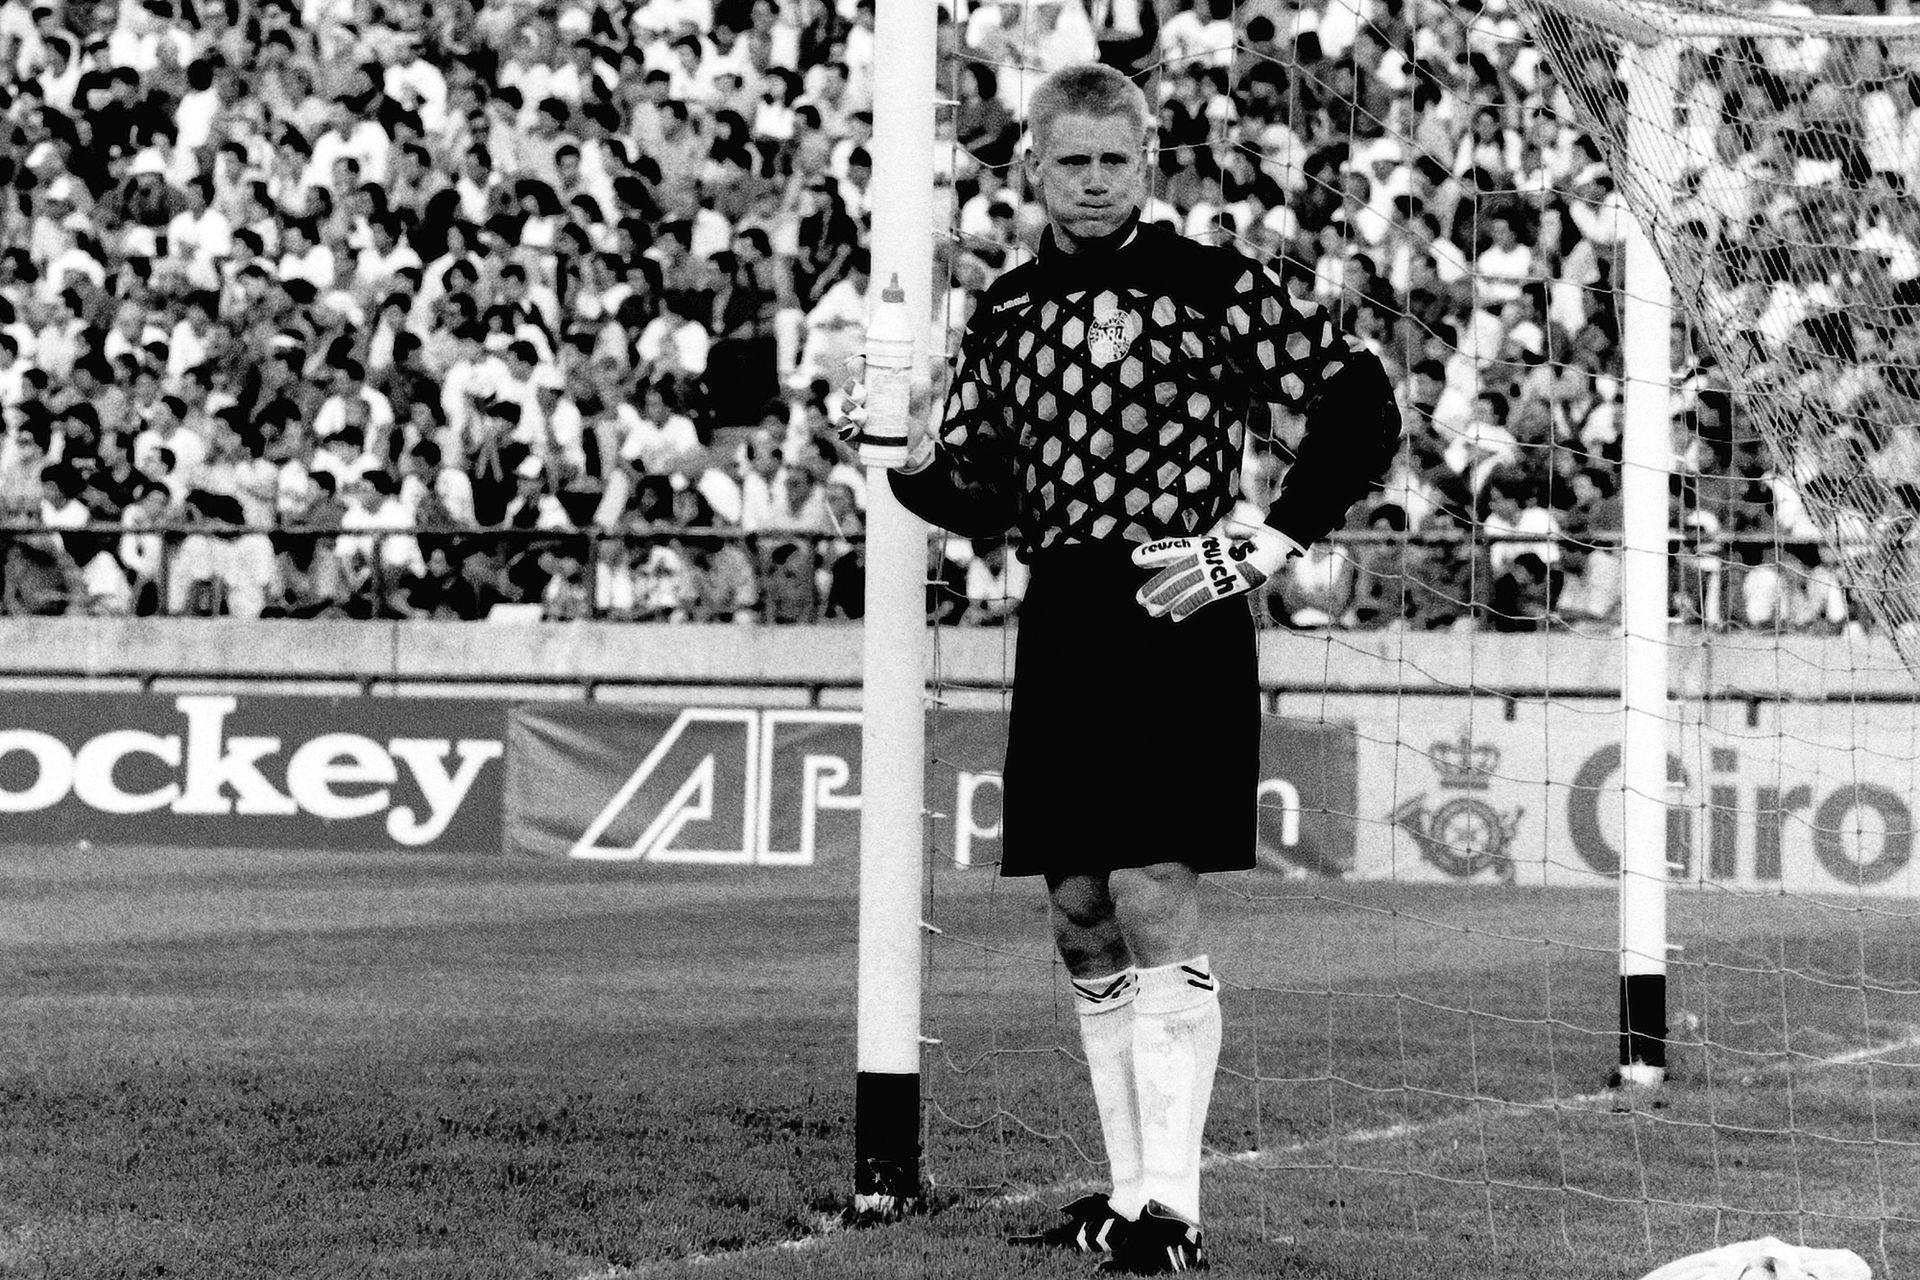 Peter Schmeichel (25 de febrero de 1993): el arquero danés, ganador de la Eurocopa un año antes, perdió el duelo con Sergio Goycochea; en Mar del Plata, tras el 1-1 (goles de Caniggia y Craviotto, en contra), la selección se impuso en los penales 5-4 y Maradona levantó la Copa Artemio Franchi.